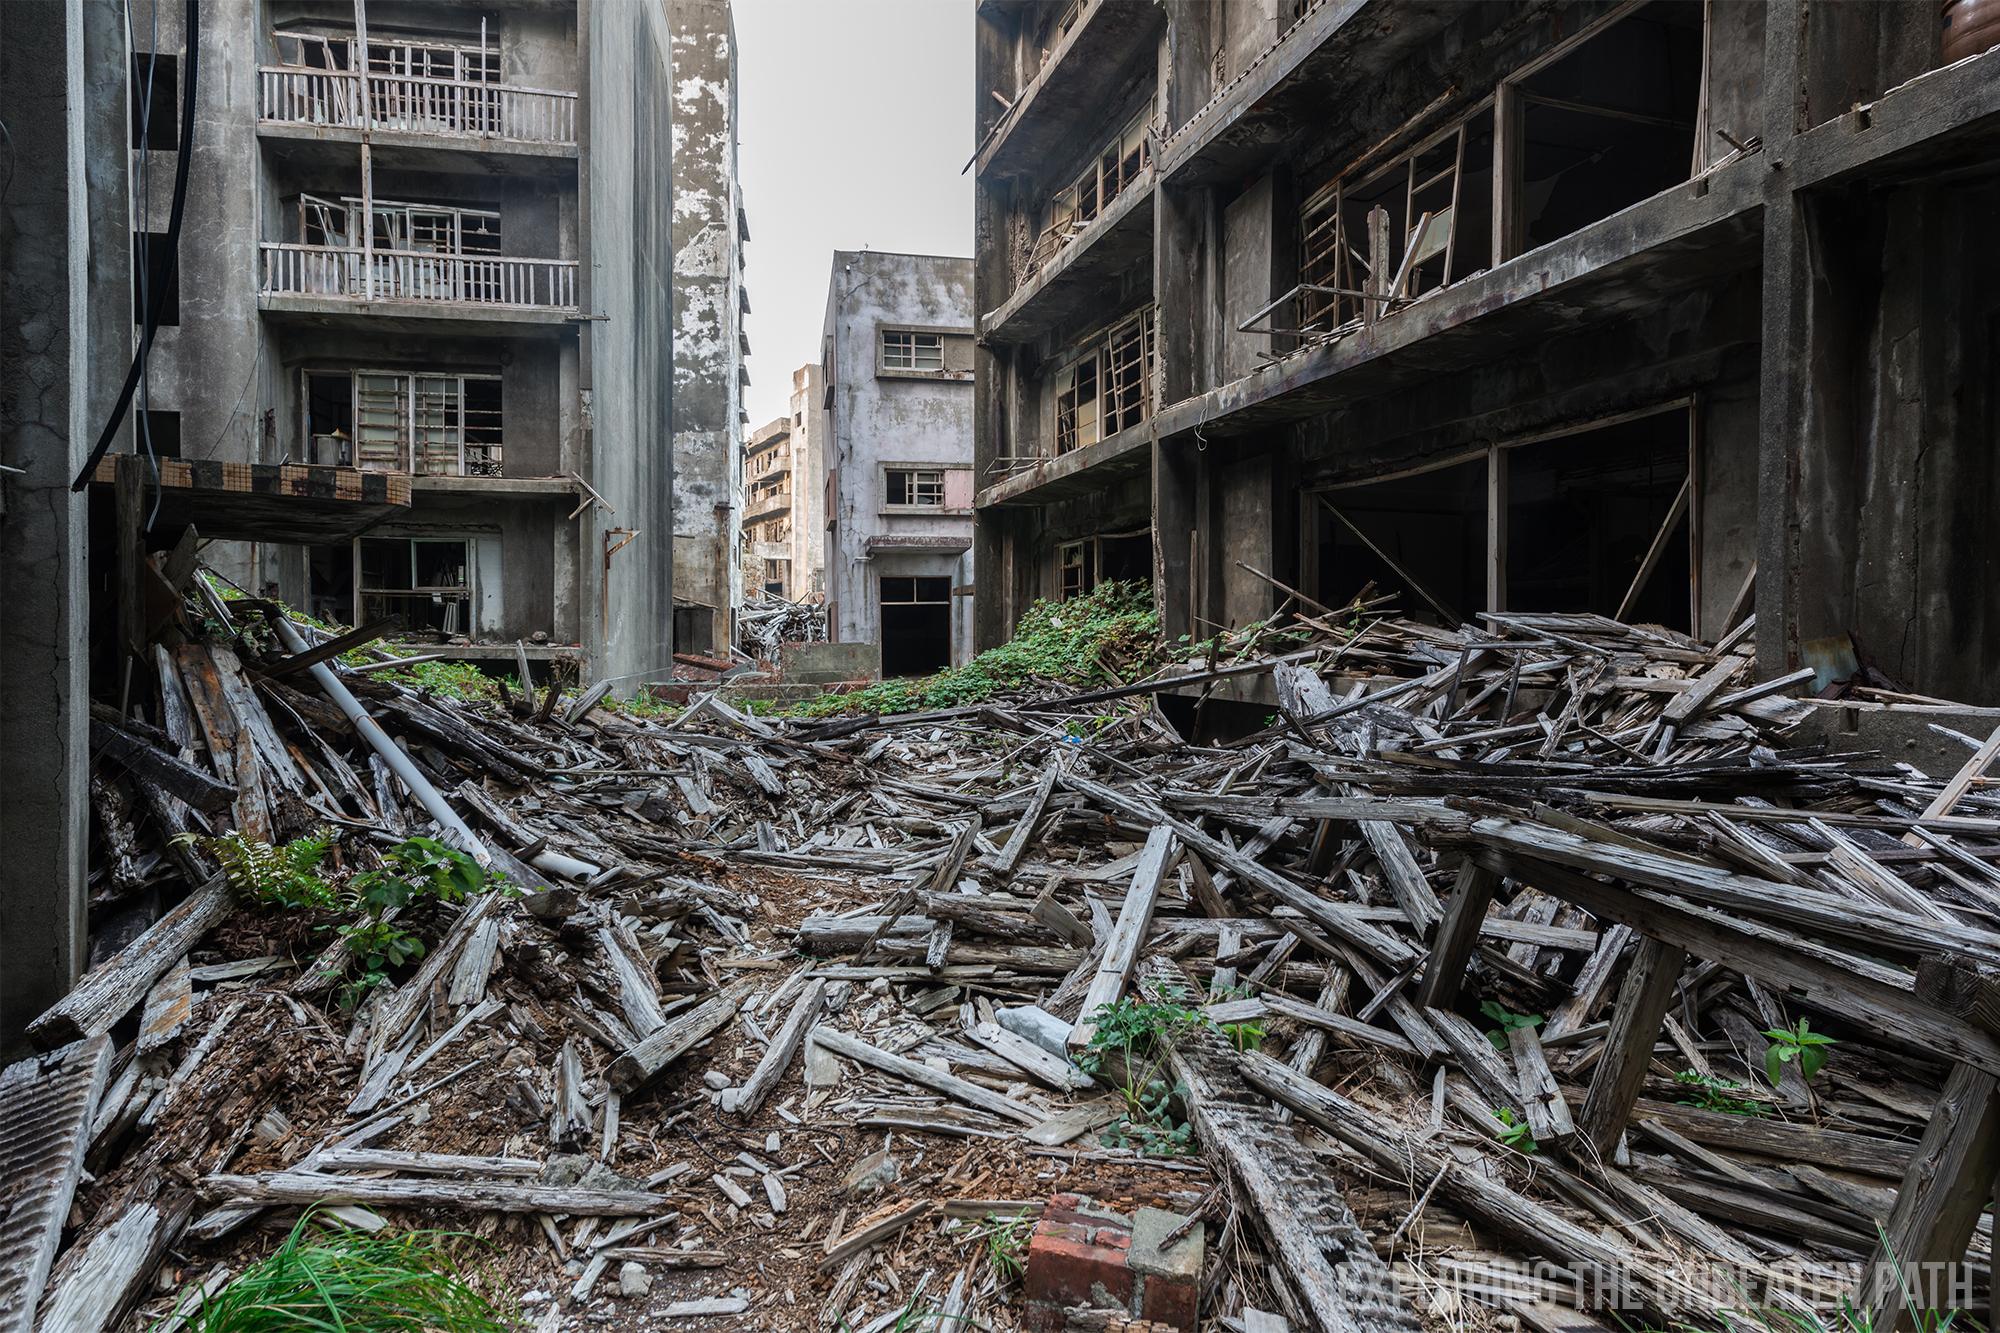 Gunkajima battleship island Japan abandoned urbex urban exploring